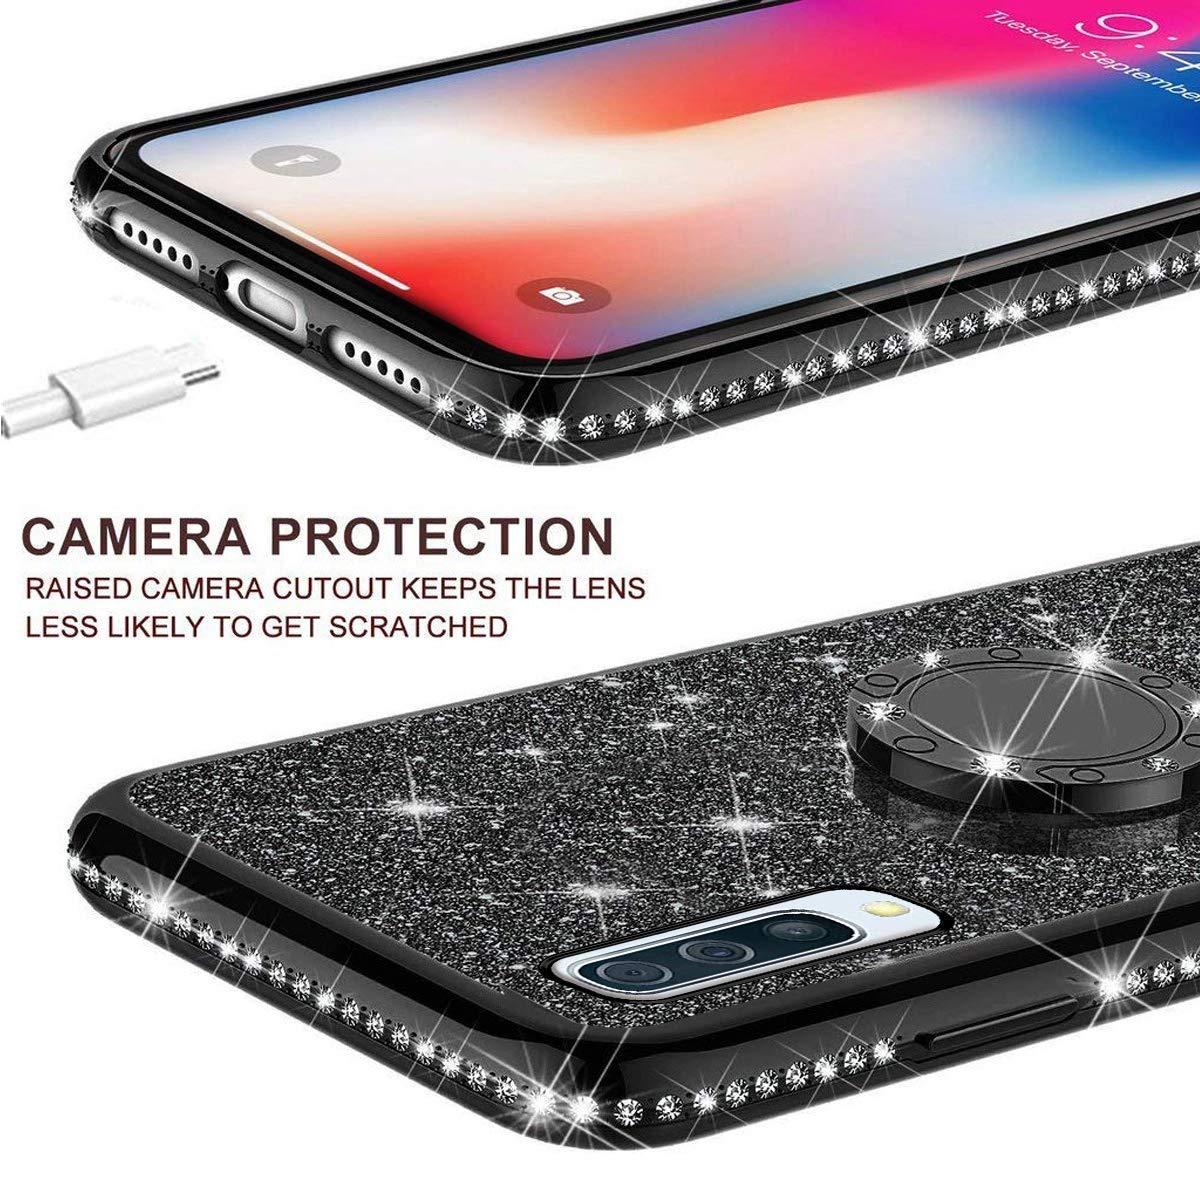 Herbests Kompatibel mit Samsung Galaxy A50 H/ülle Glitzer M/ädchen Schuzh/ülle Bling Glitzer Strass Diamant Transparent TPU Silikon H/ülle Handyh/ülle Tasche Ring Halter St/änder,Schwarz